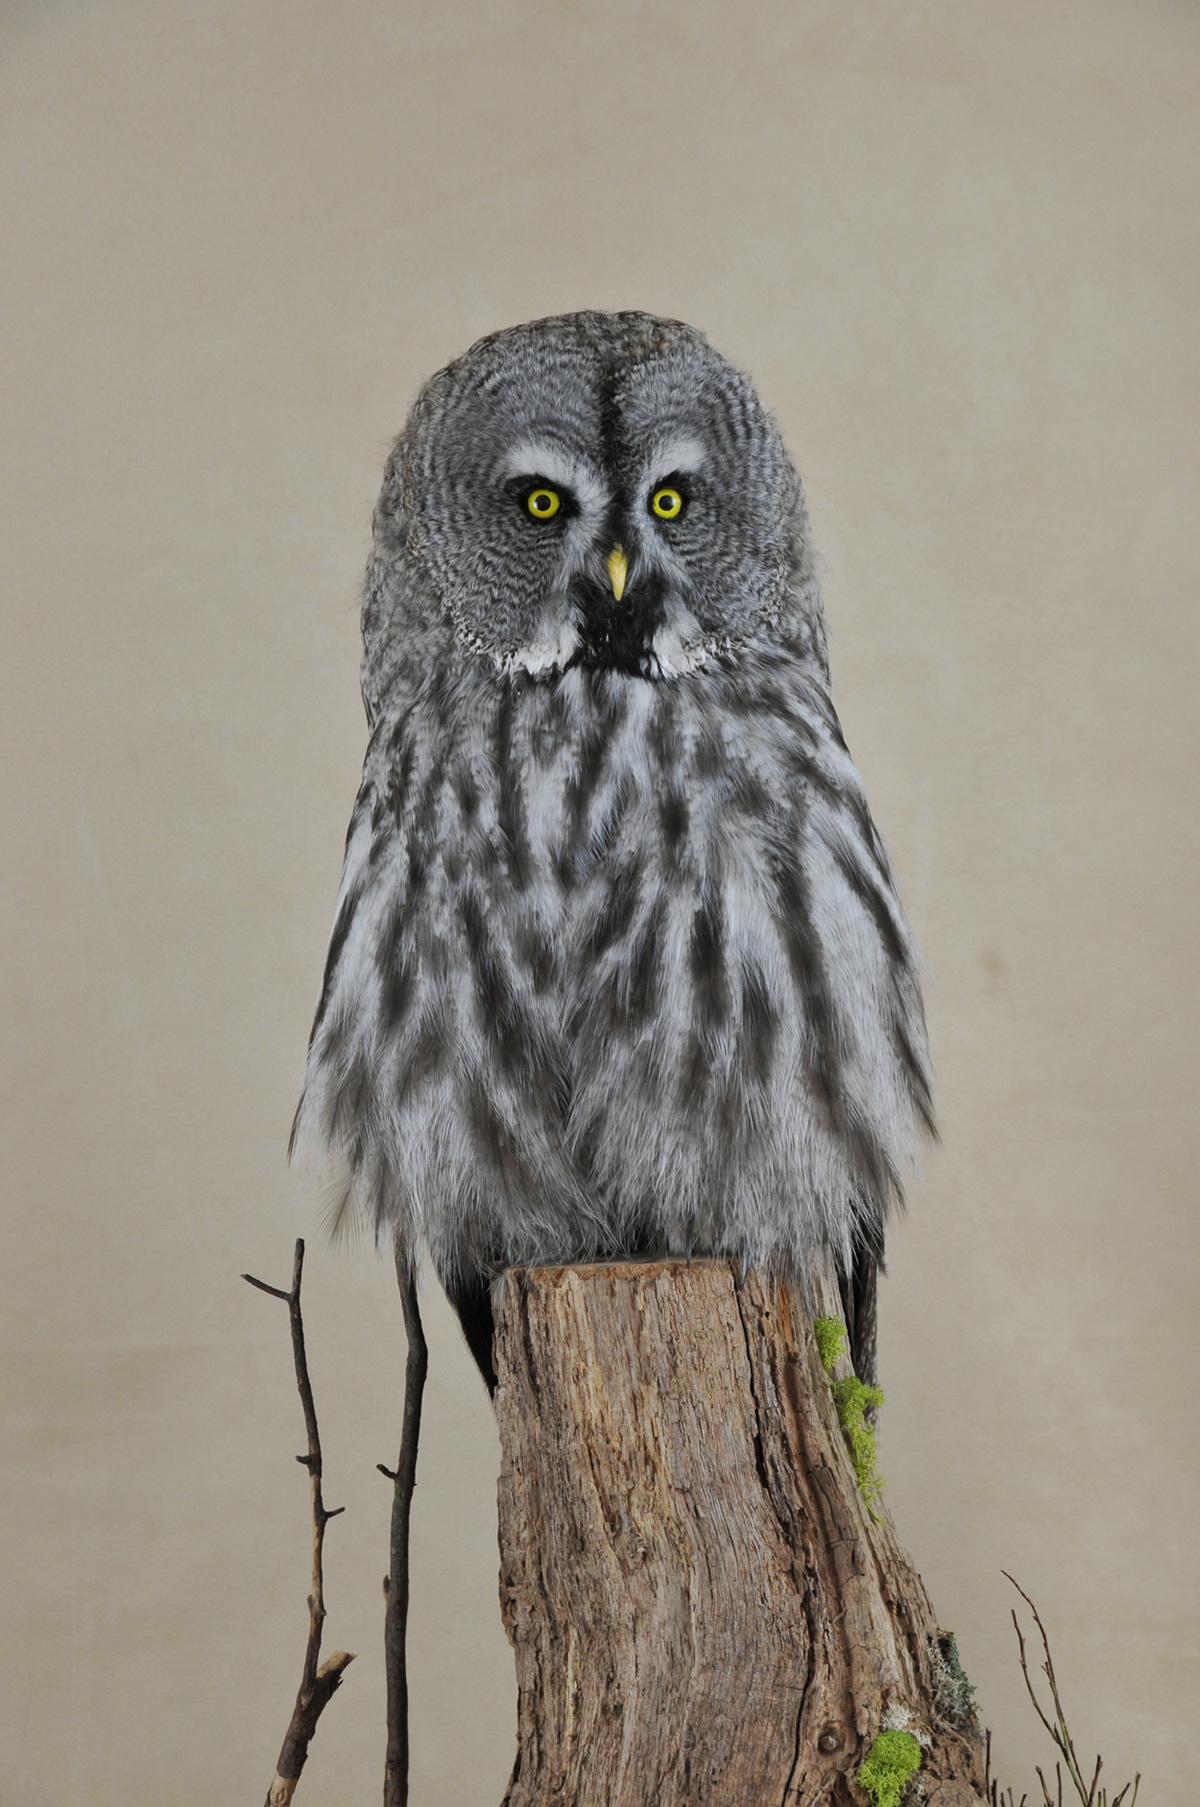 Bird Taxidermy Great Grey Owl - Strix nebulosa By Mike Gadd